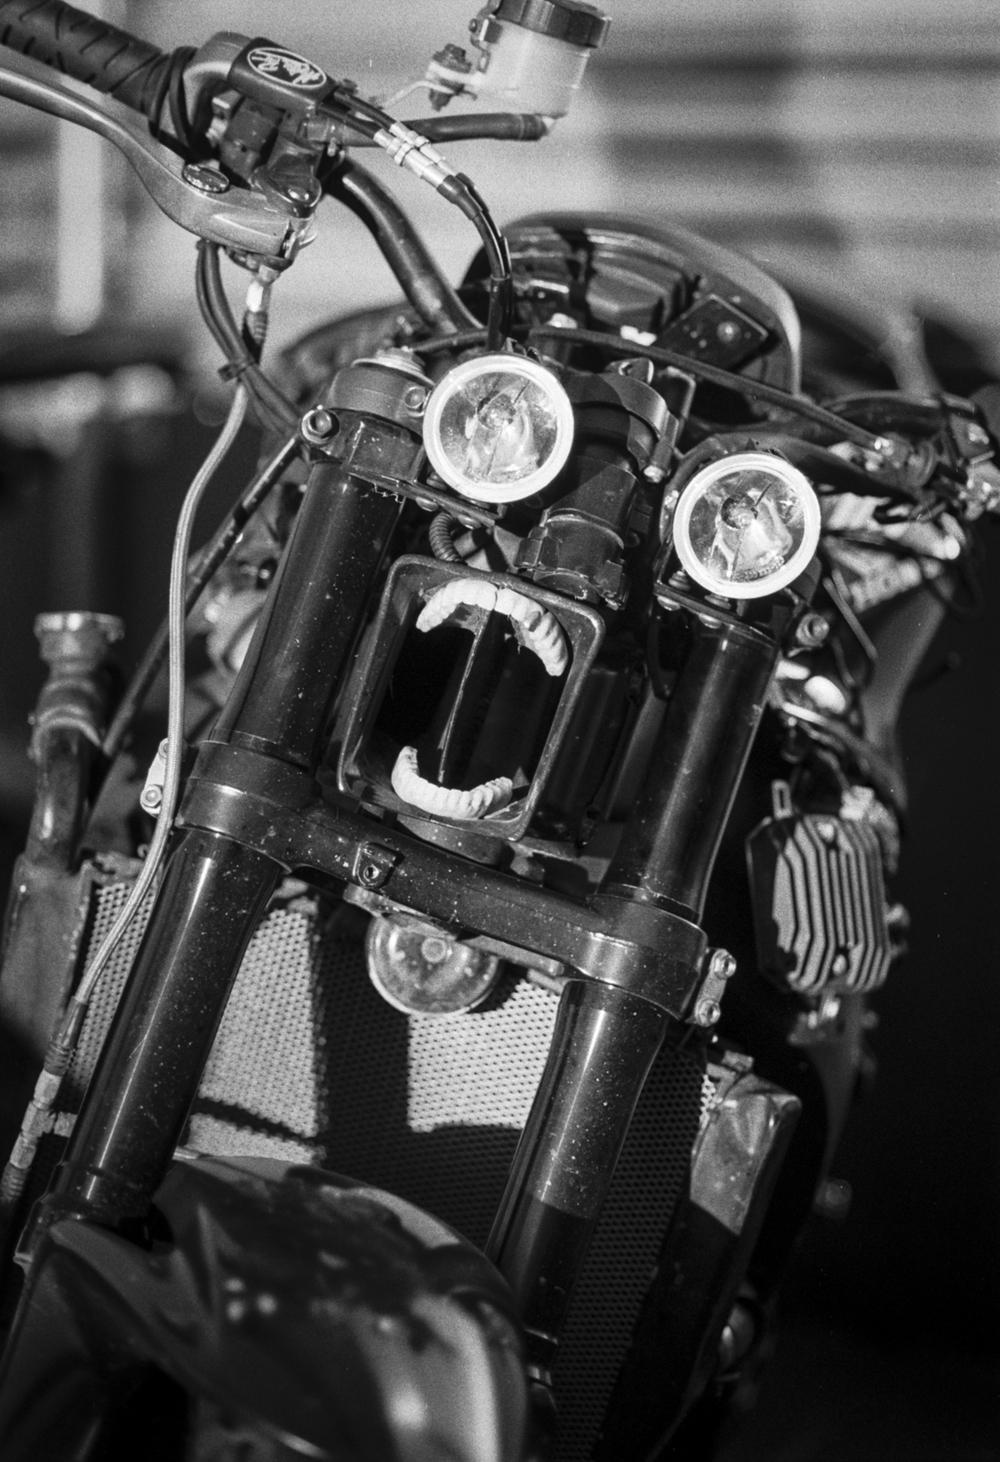 Motorcycle (1 of 1).jpg